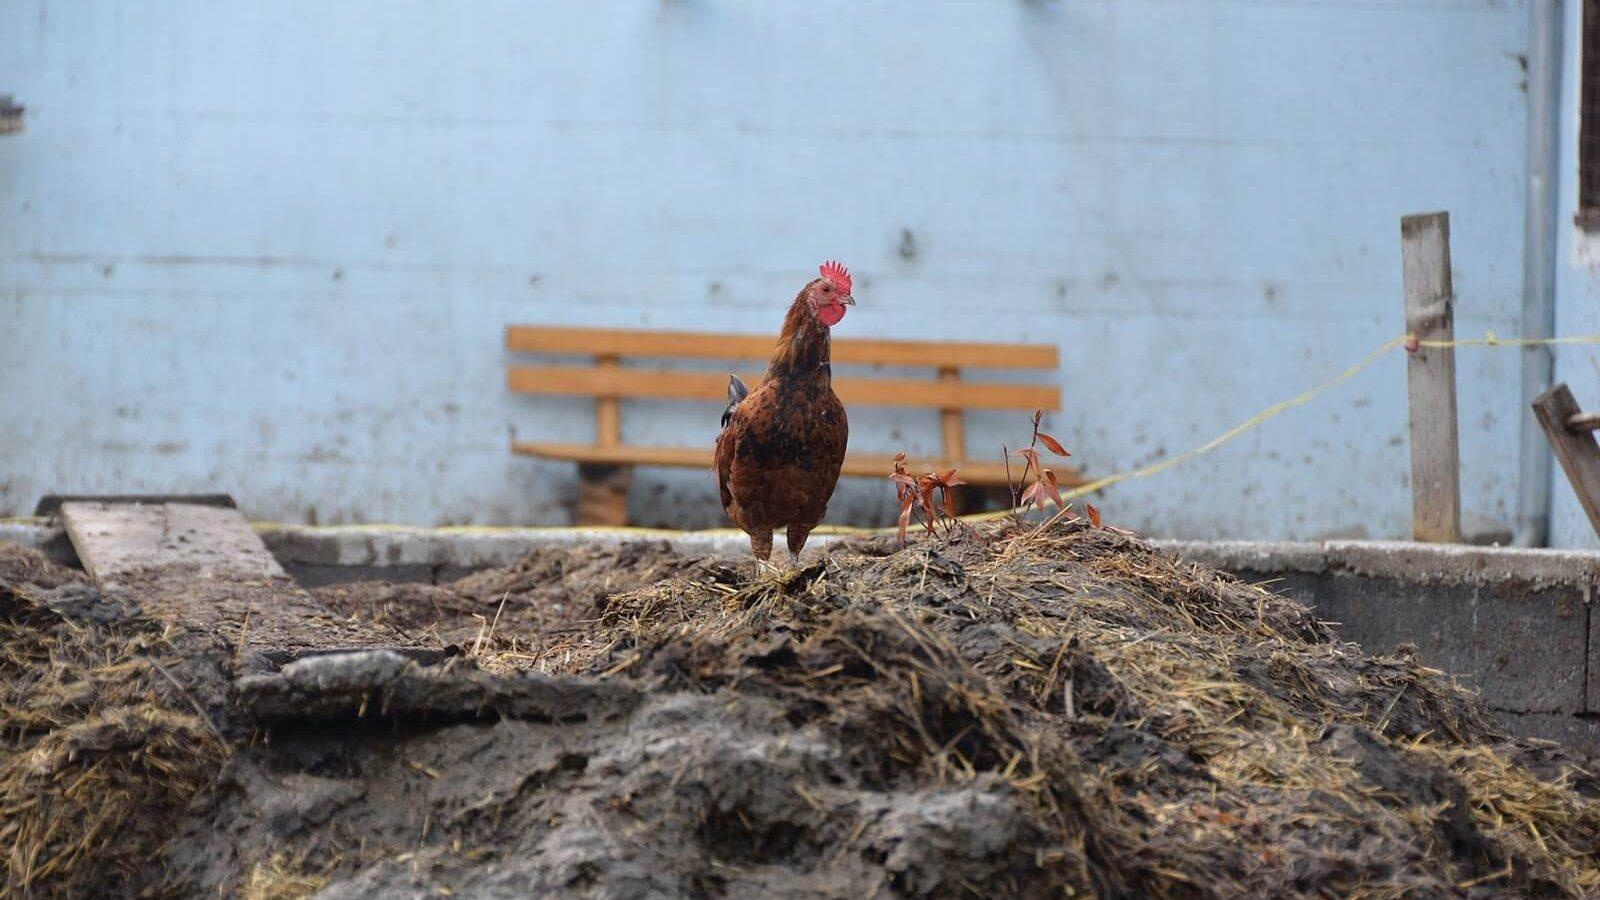 ขี้ไก่